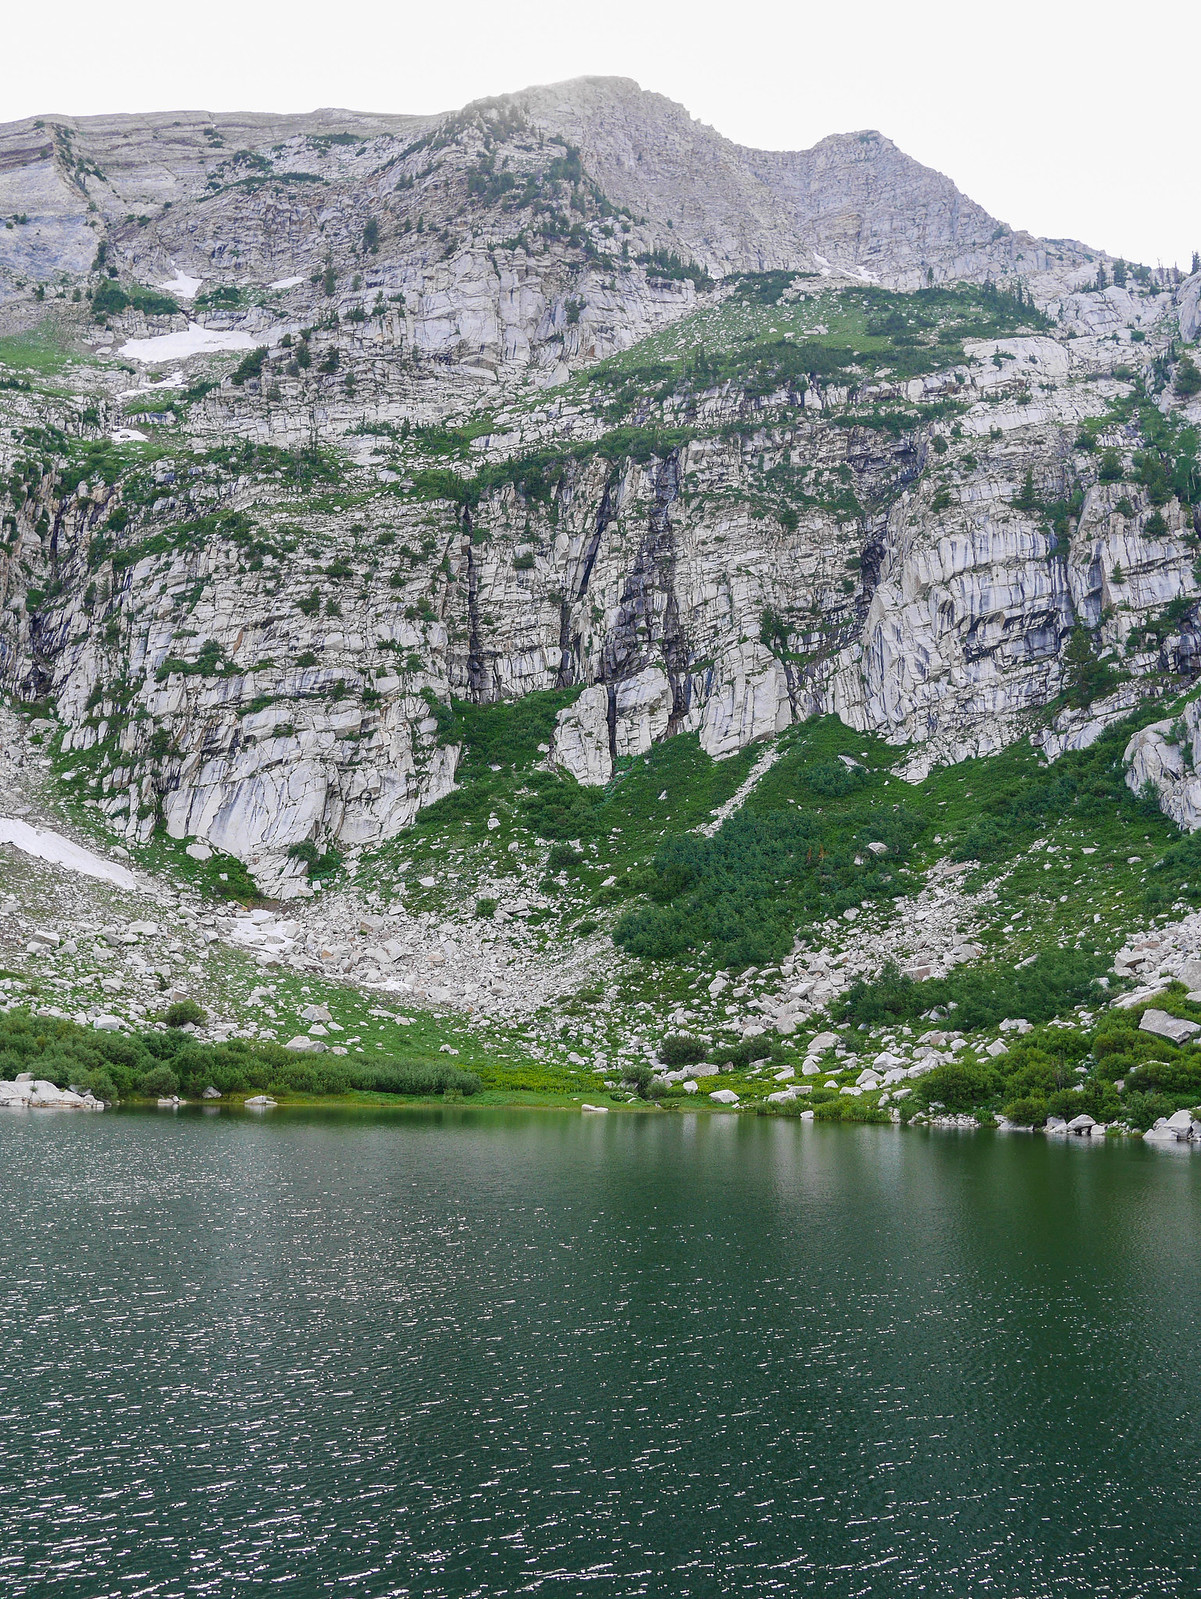 Silver Lake